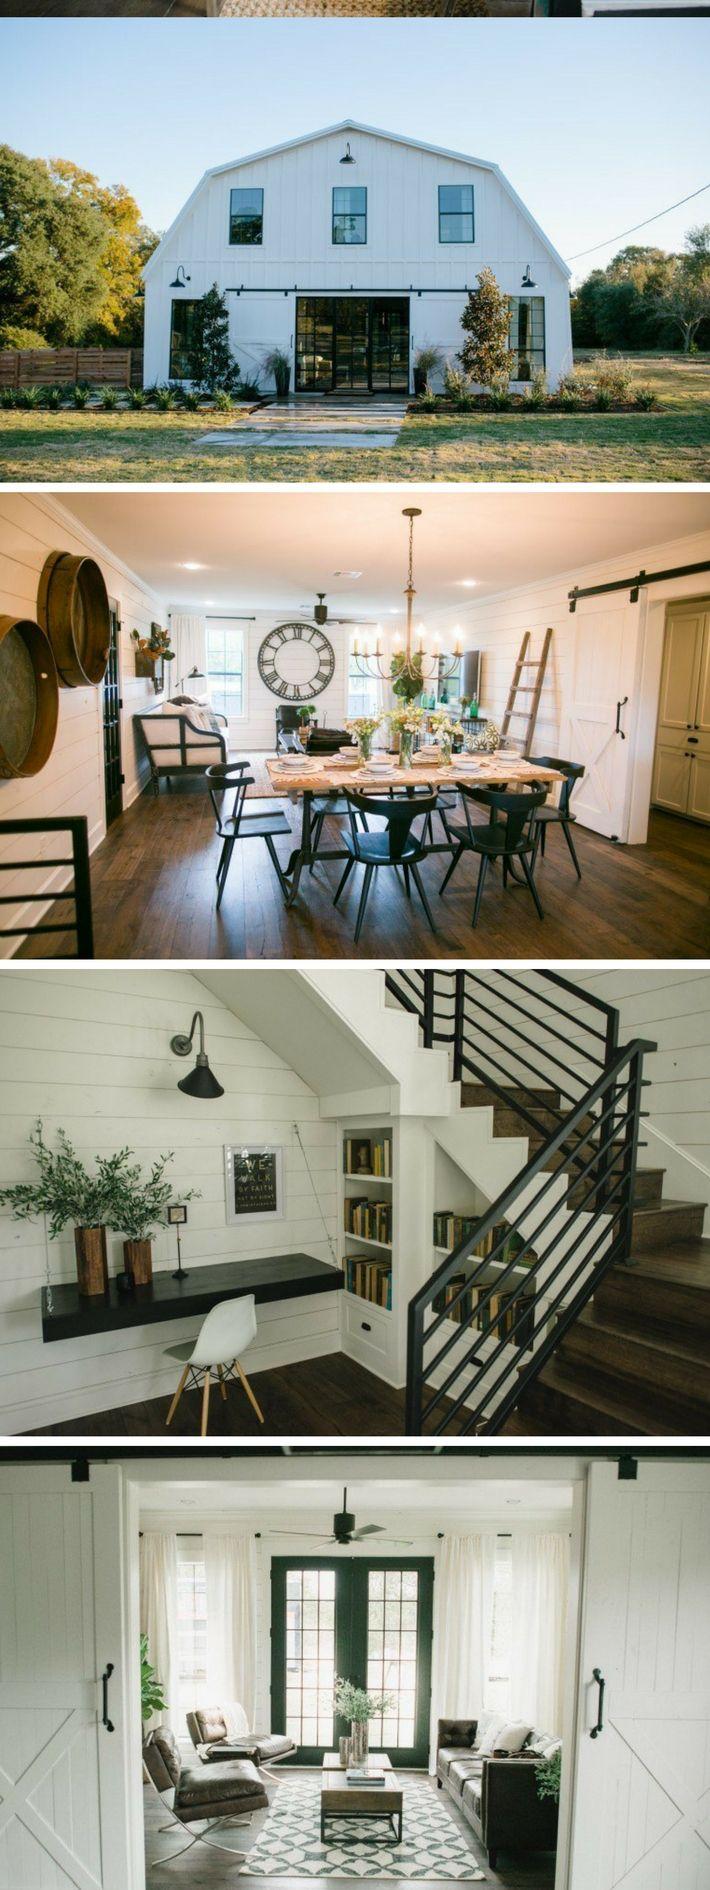 Fixer upper barndominium kitchen - 30 Barndominium Floor Plans For Different Purpose Fixer Upper Barndominiumbarndominium